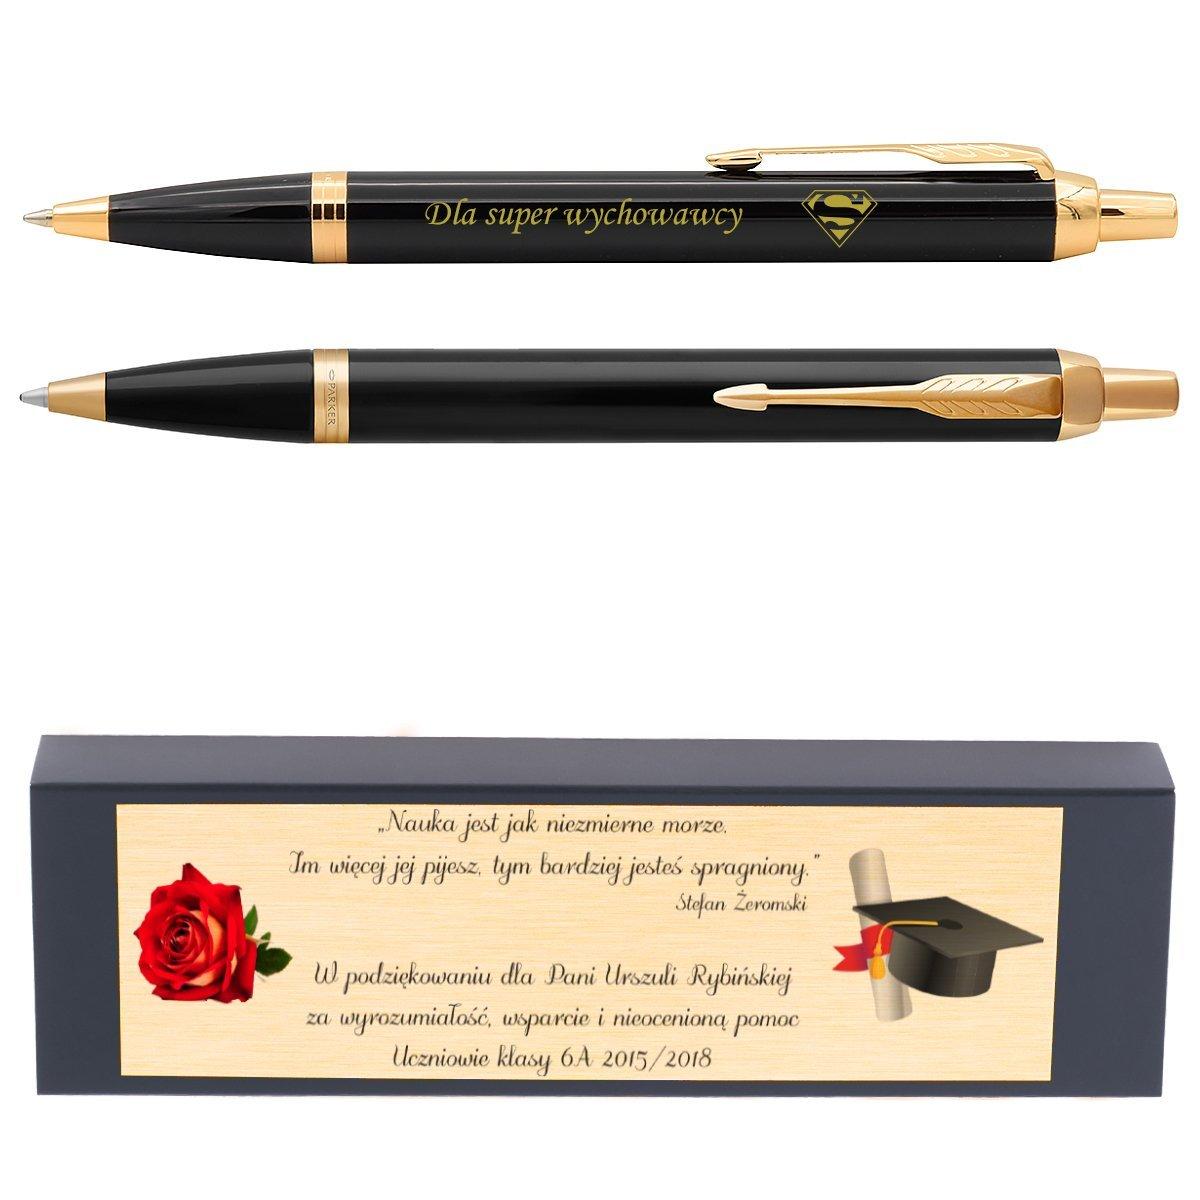 Oryginalny Długopis Parker IM Czarny z GRAWEREM oraz TABLICZKA z dedykacją Gratis